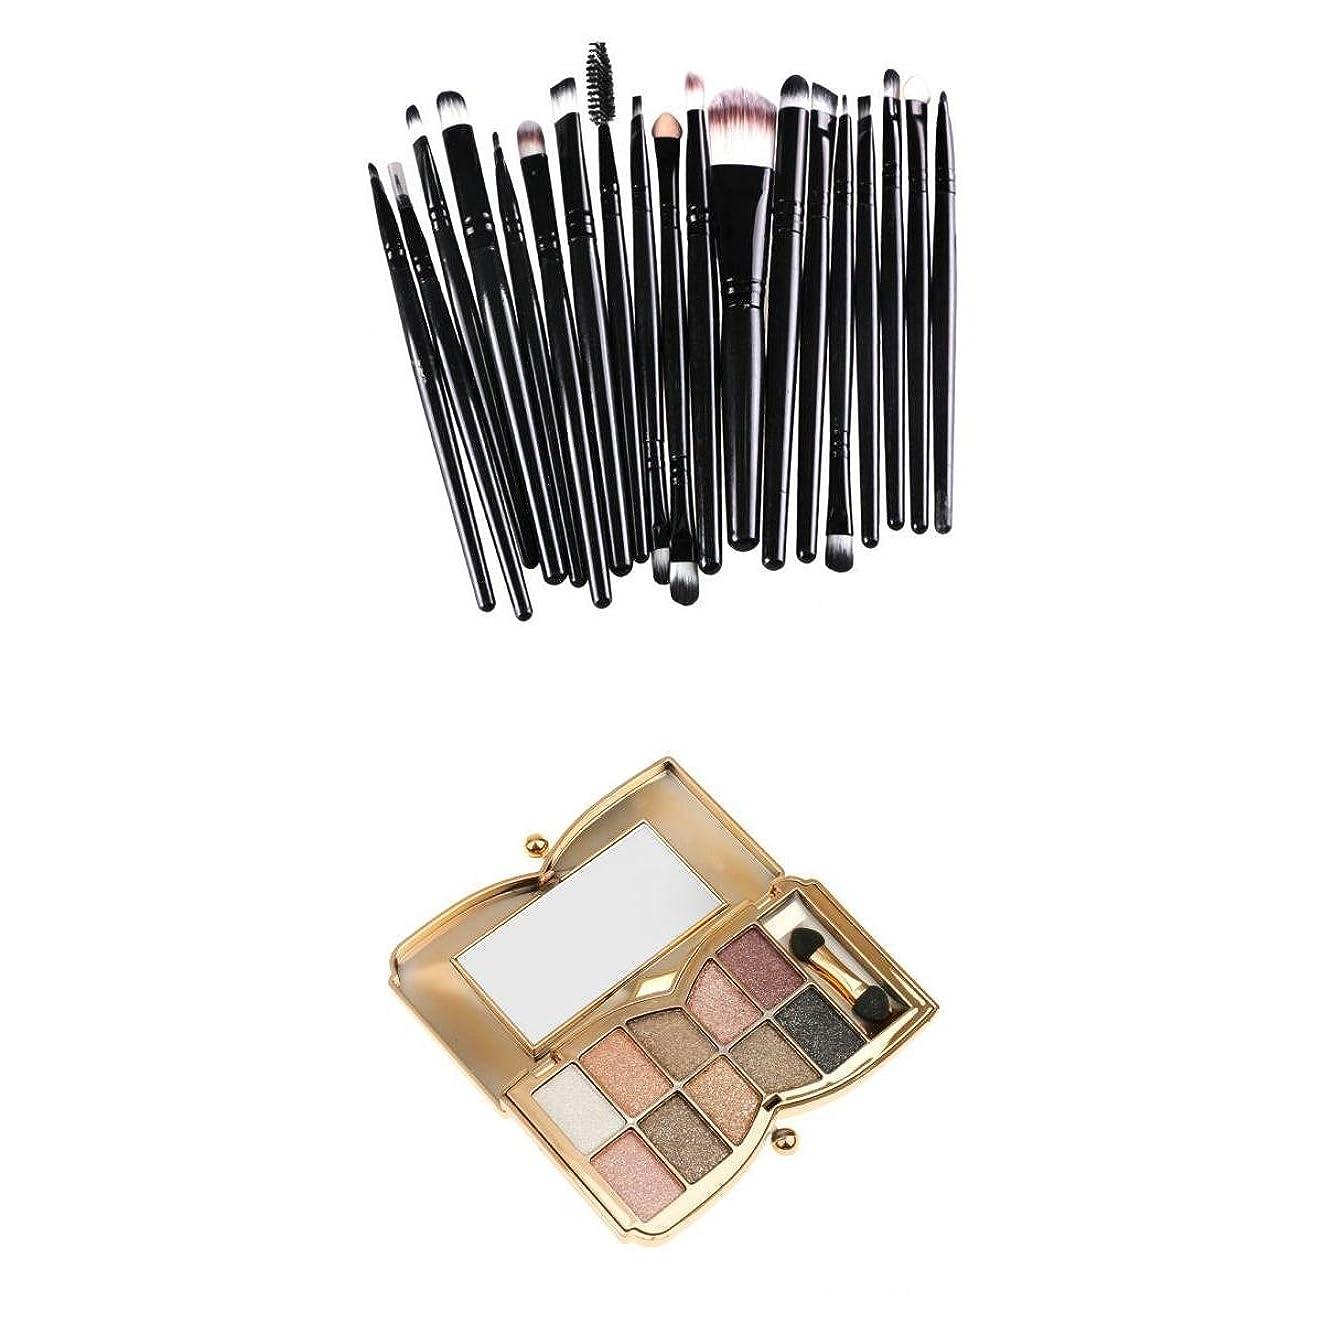 Fenteer 10色 アイシャドーパレット コスメパレット 約21本 メイクブラシ 化粧ブラシ メイクアップ ファッション 美しい メイク 魅力的